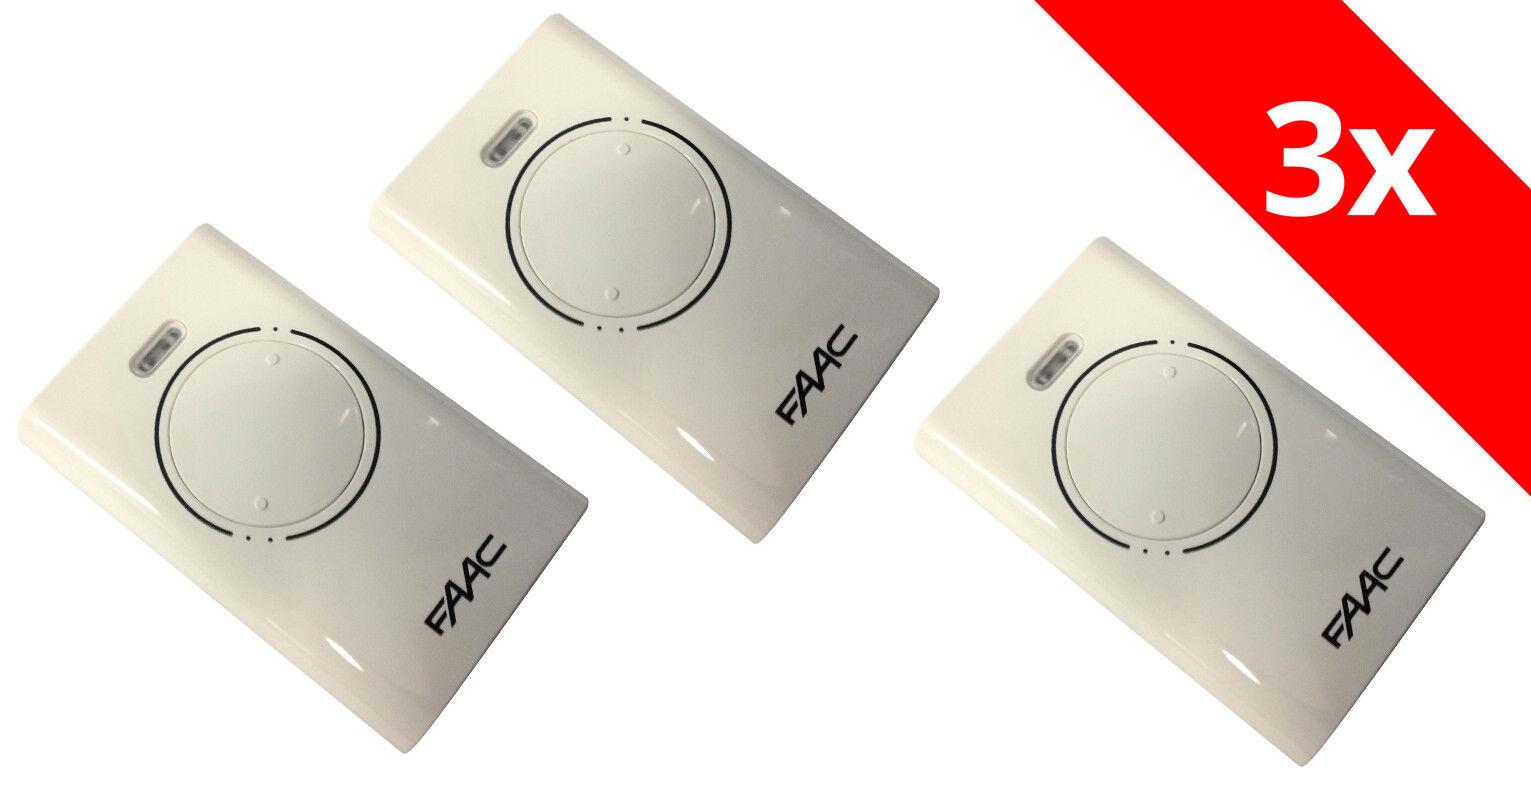 3 FAAC XT2 868 SLH Funk Handsender 2-Befehl 787005 weiss Fernbedienung Sender